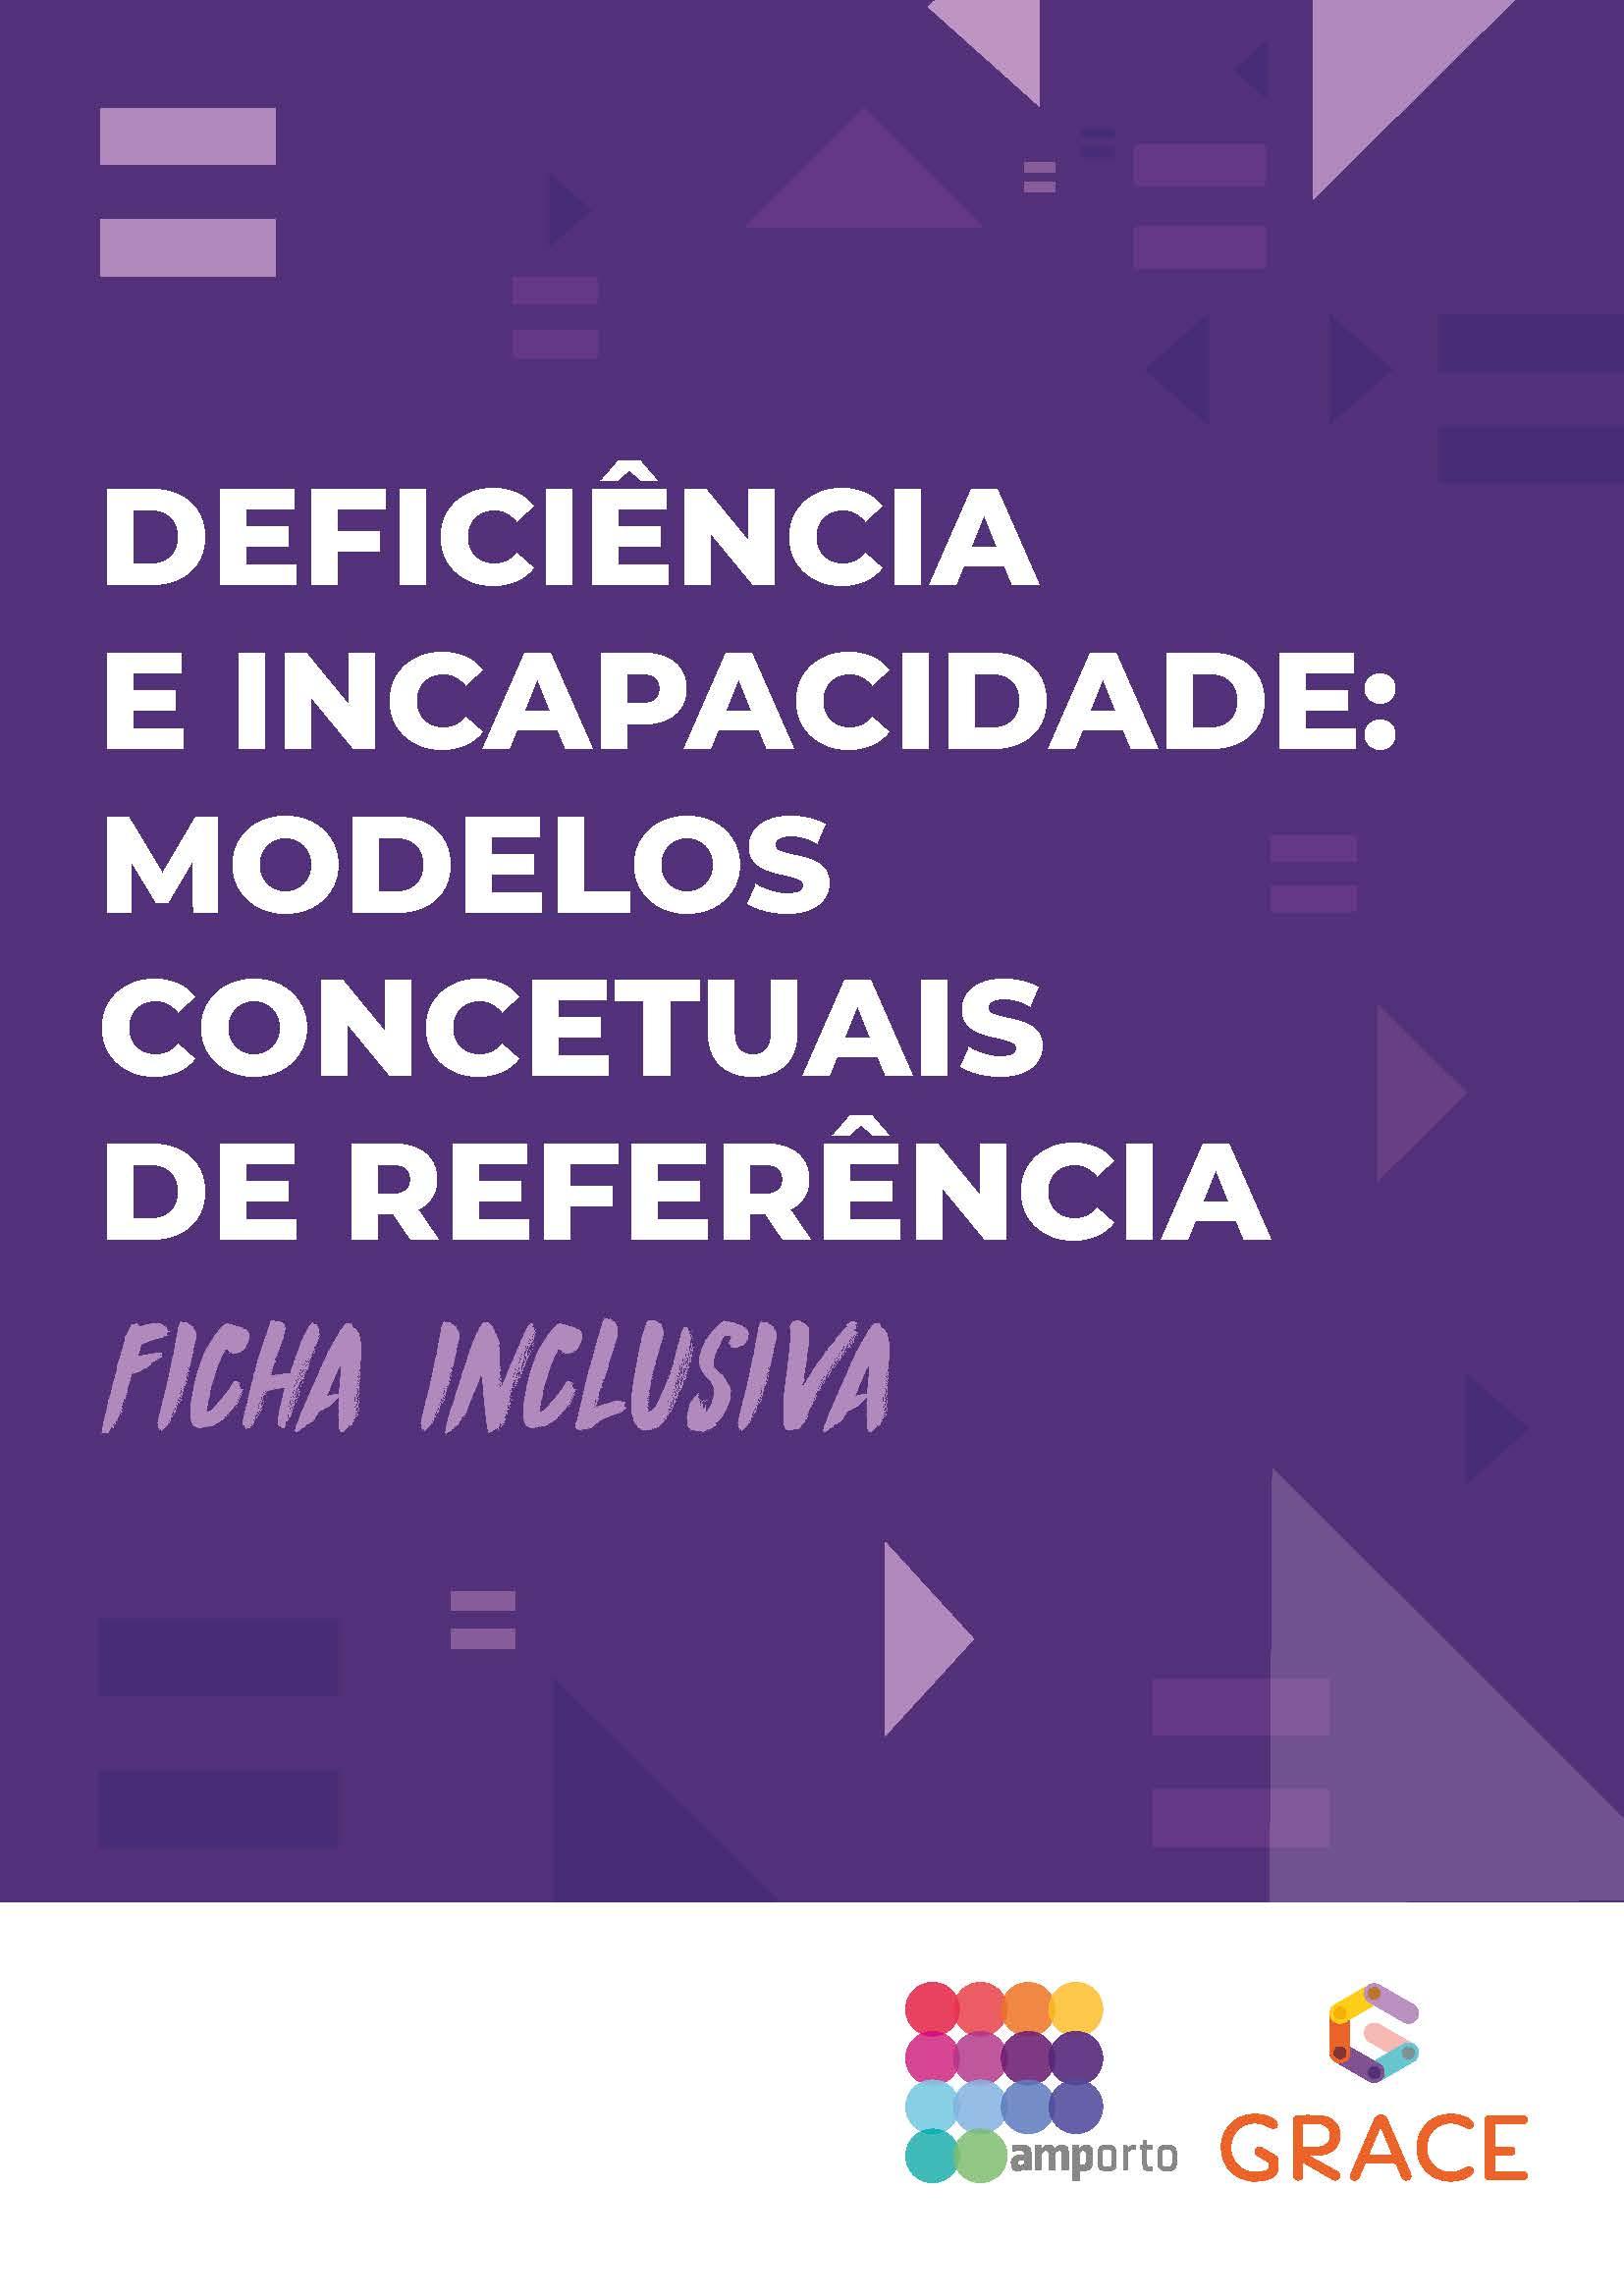 Ficha Inclusiva | Deficiência e Incapacidade: modelos concetuais de referência